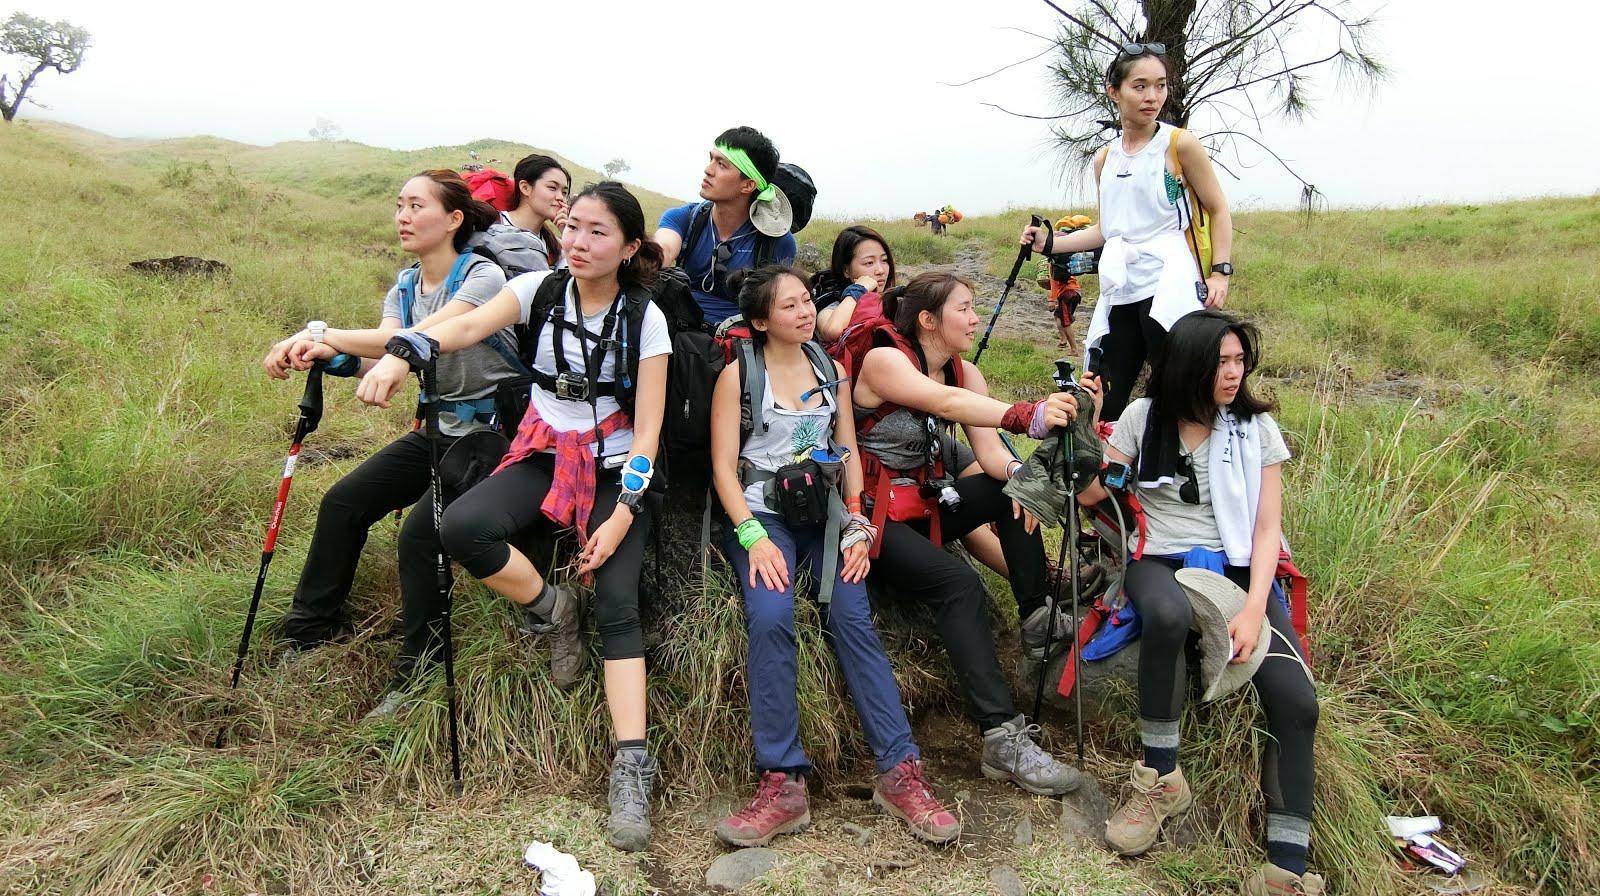 印尼爬山行(2)|龍目島RINJANI火山三天兩夜登頂行 – 崩潰的第一天